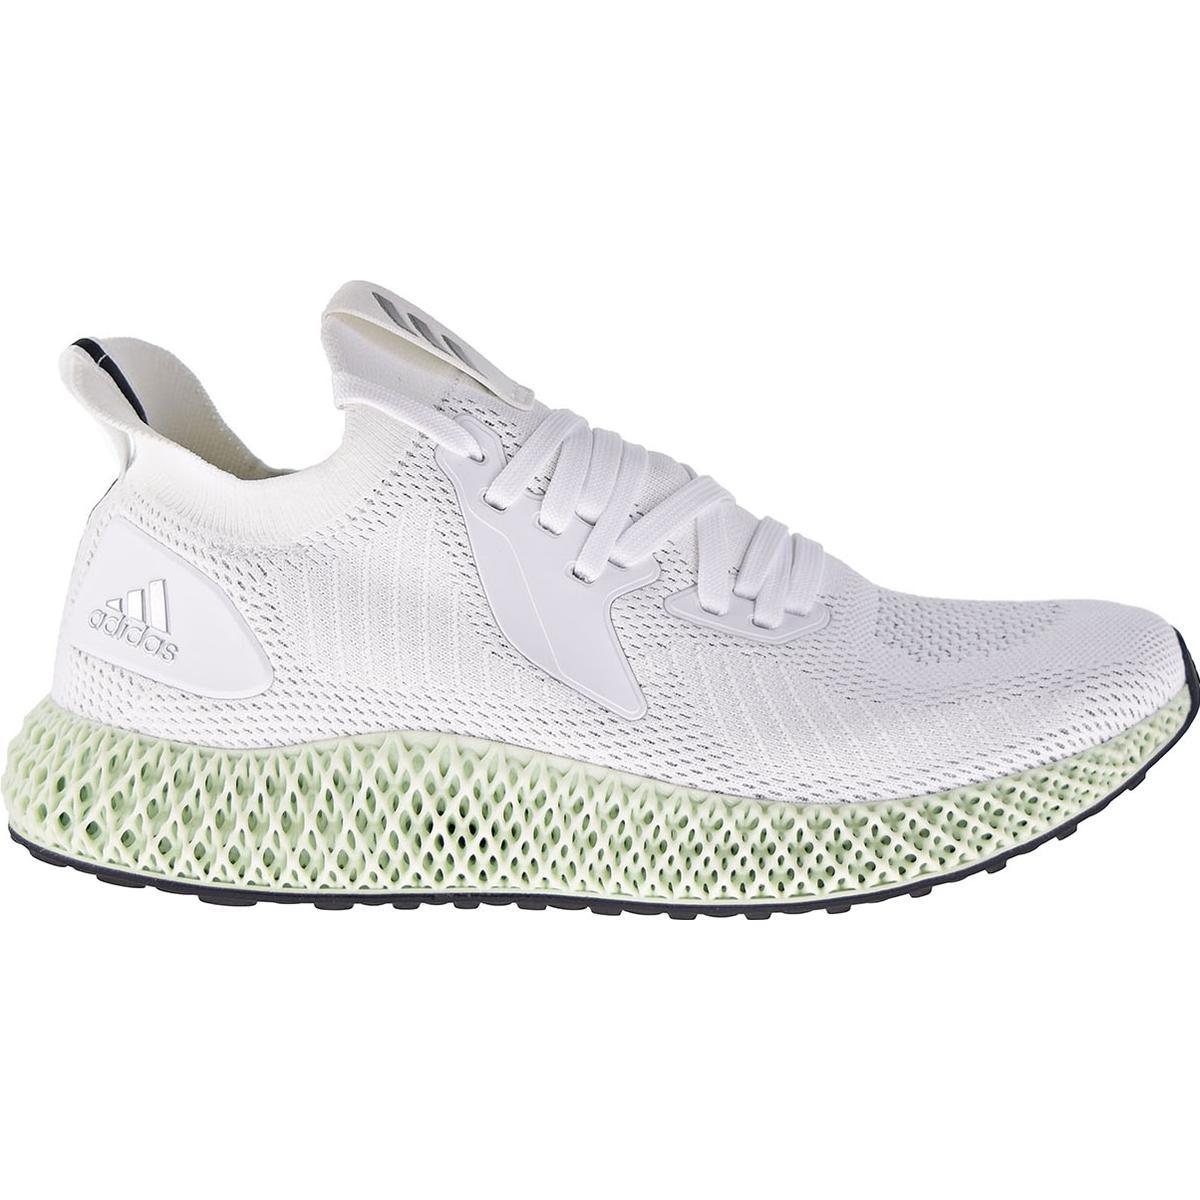 Adidas 4D Skor (1000+ produkter) hos PriceRunner • Se lägsta